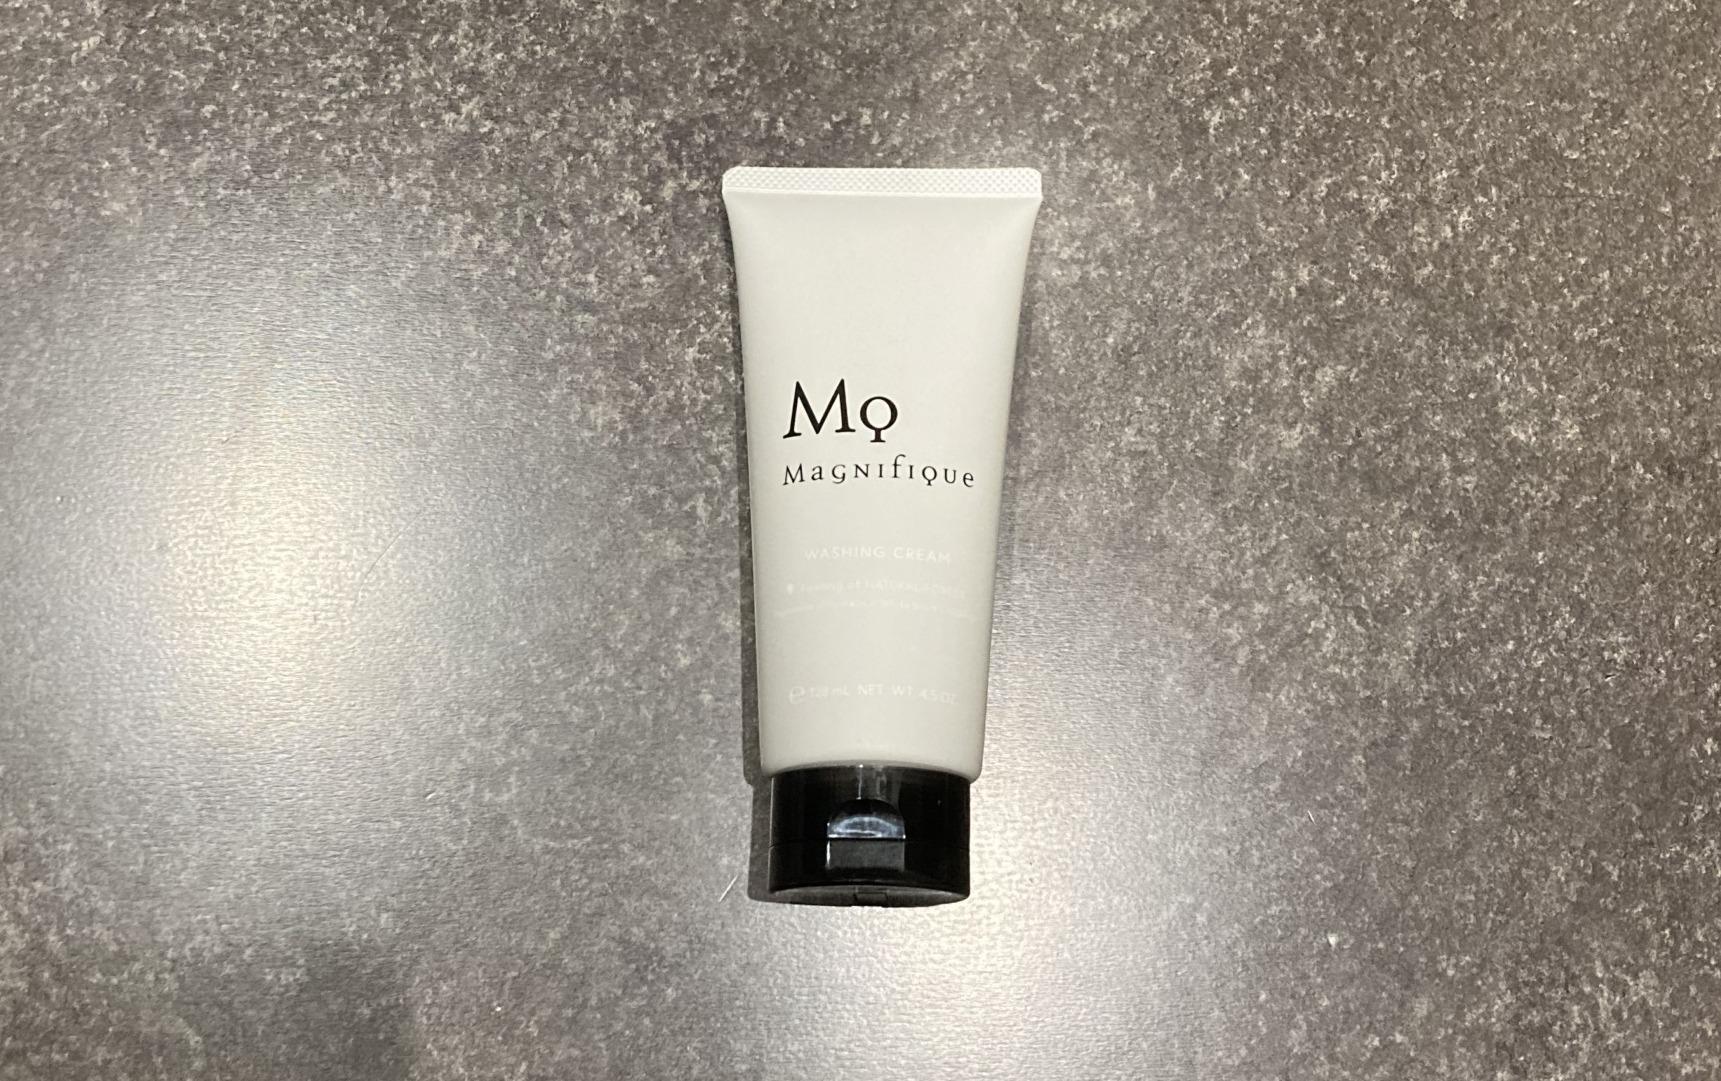 マニフィークのレビュー&口コミ|コーセーコスメポートのメンズ化粧品を徹底検証